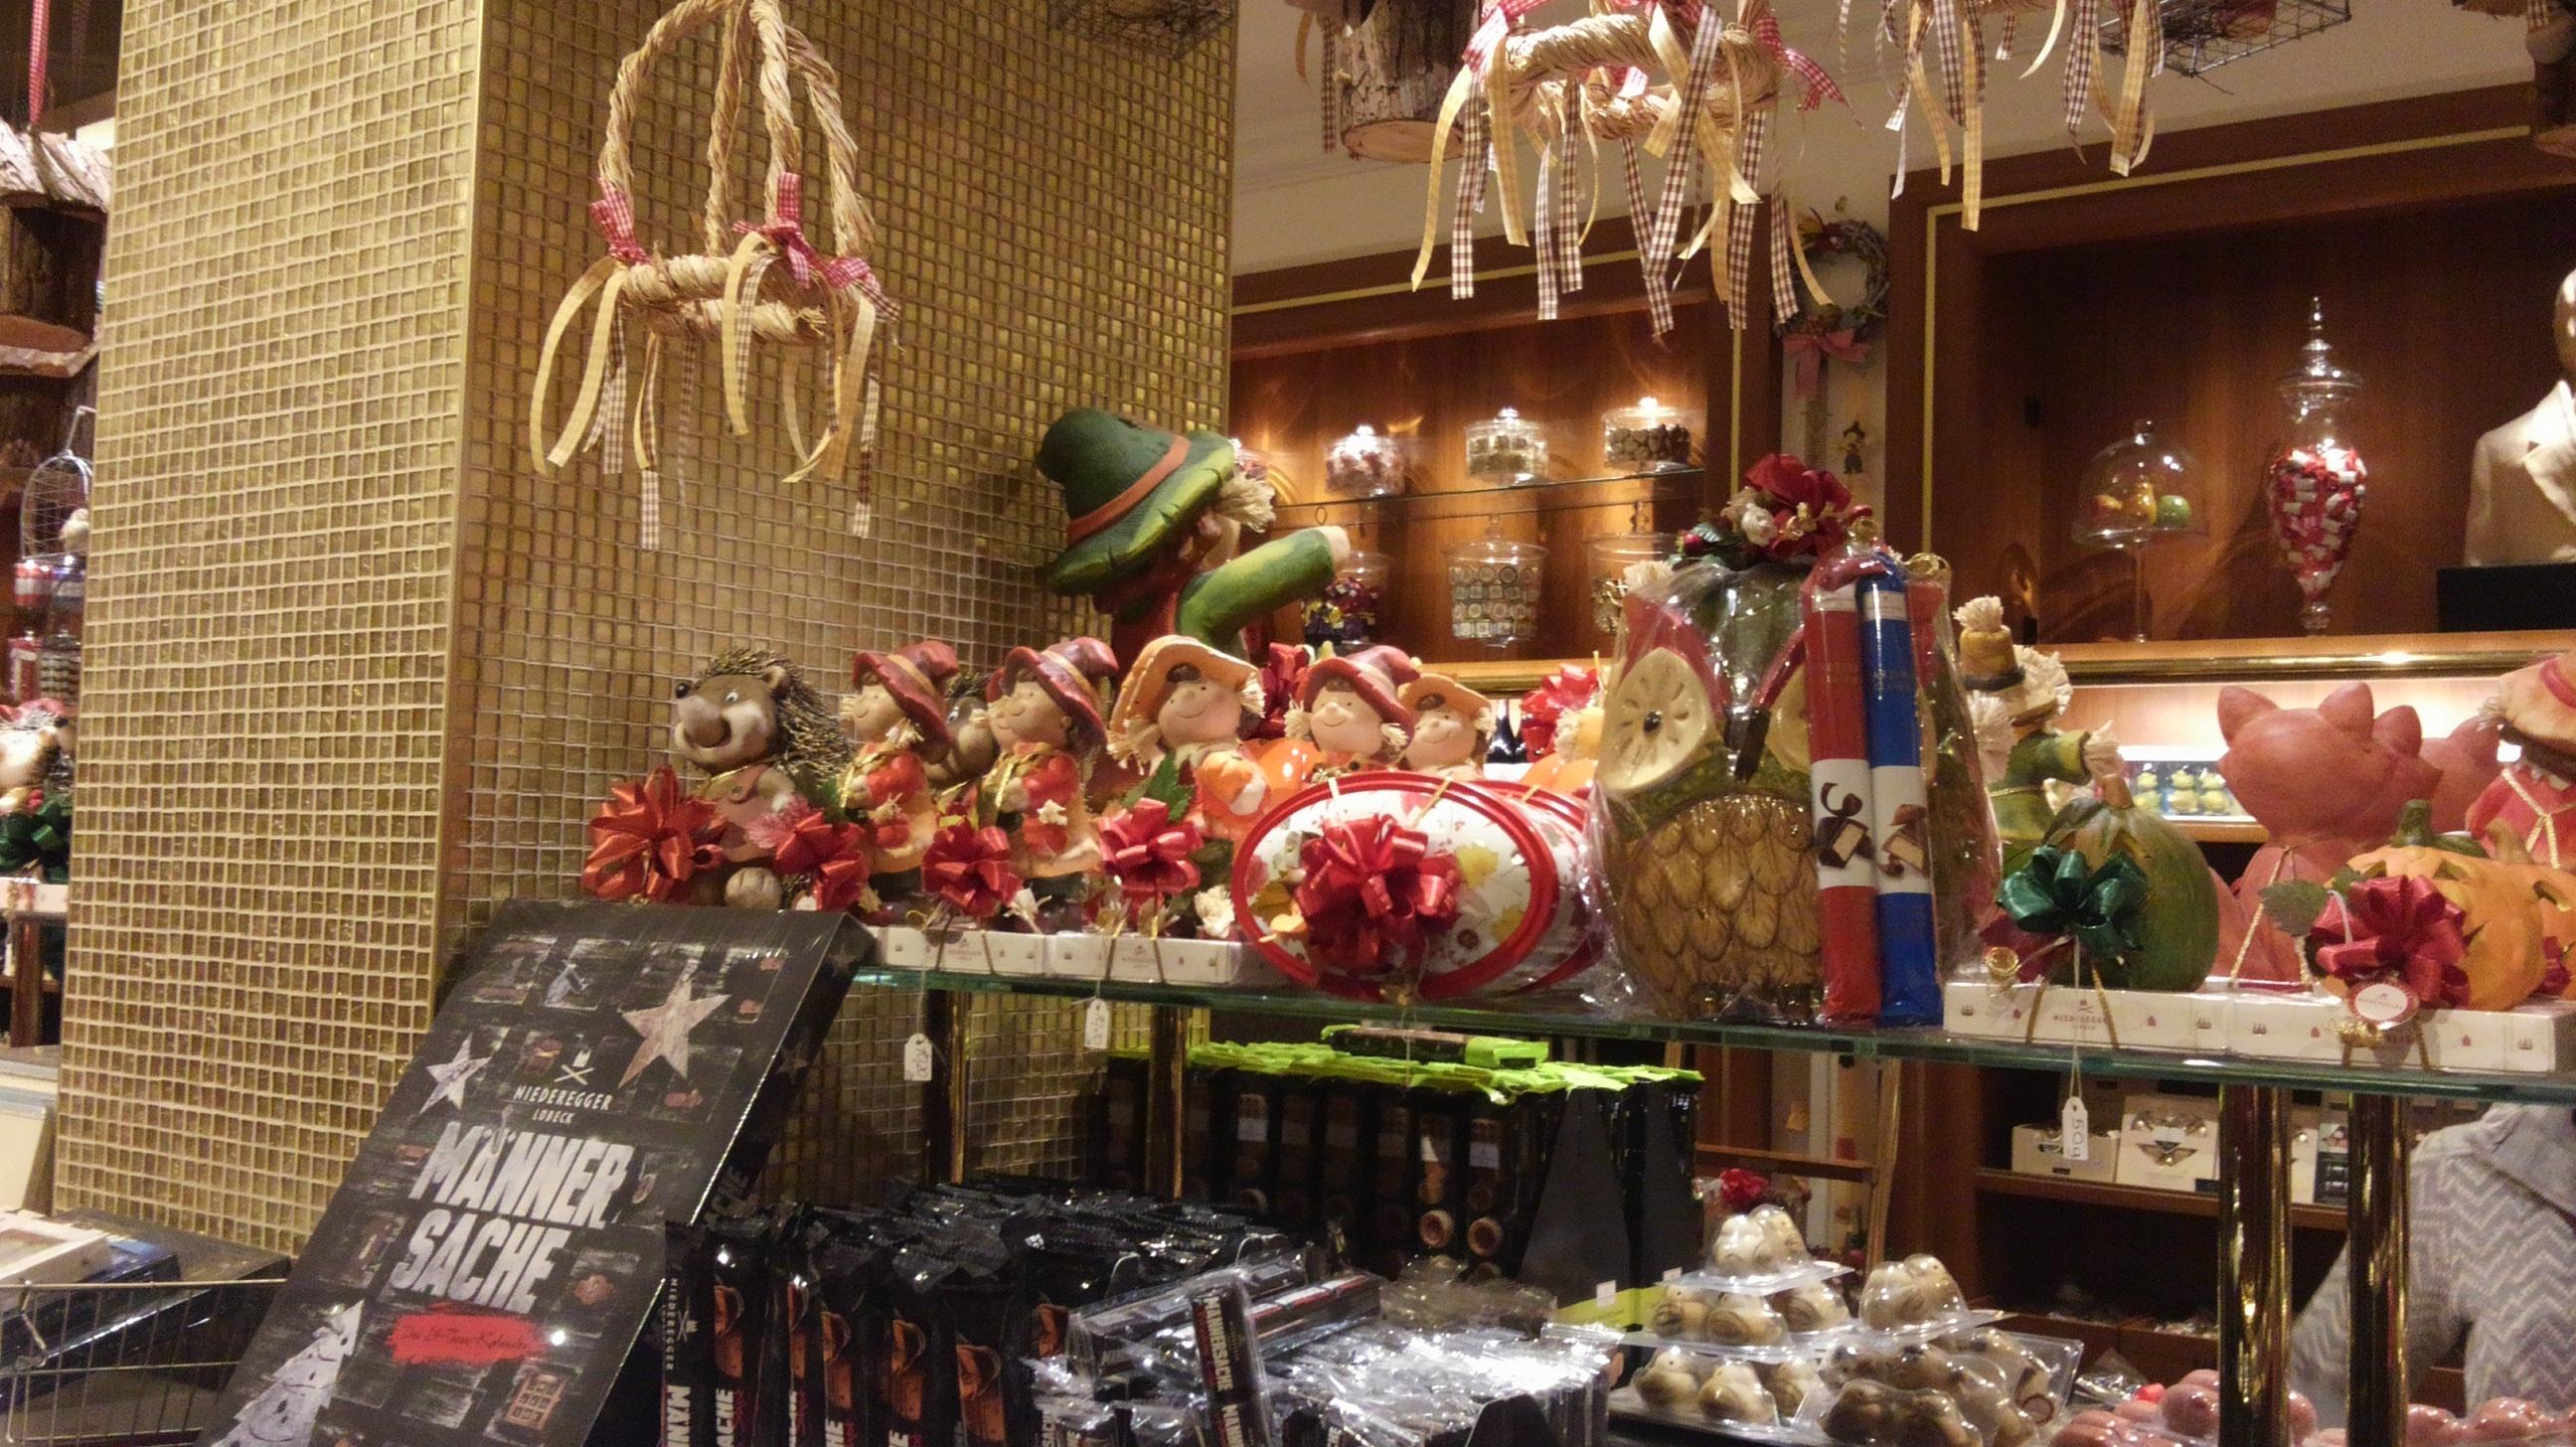 ドイツのハンブルクのお菓子屋さん